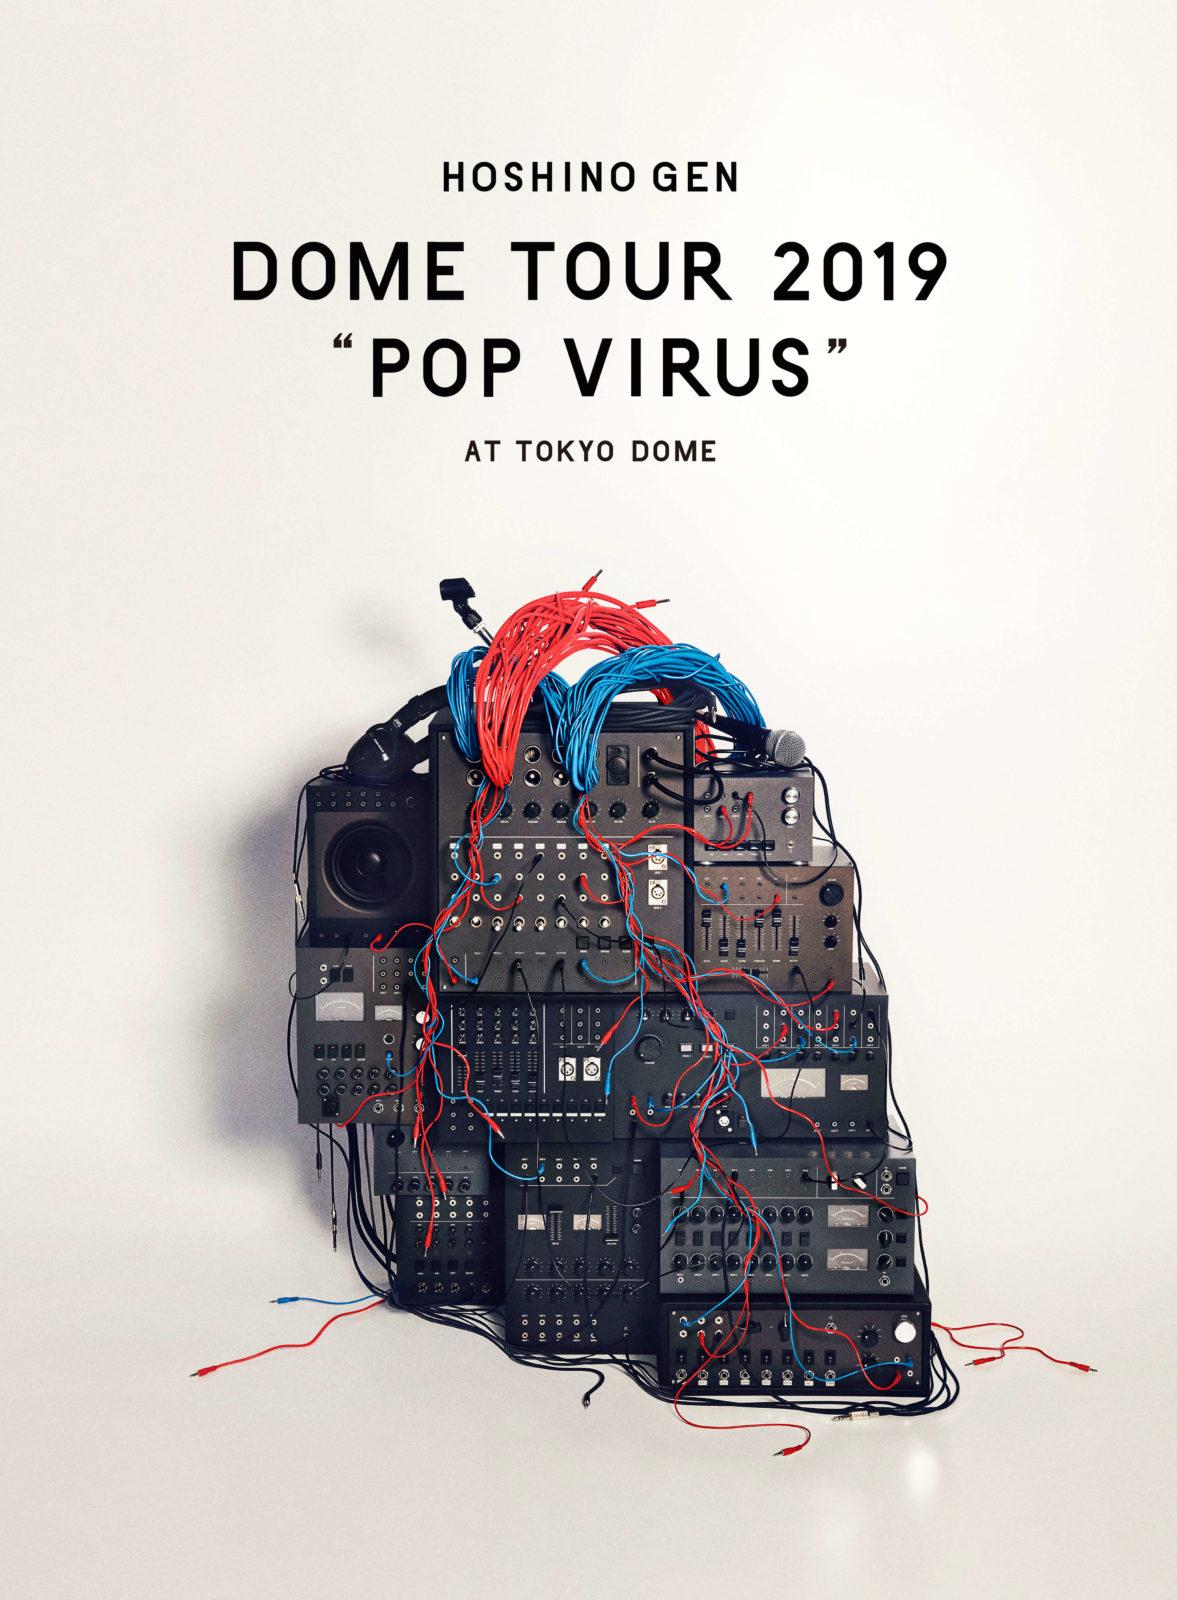 """星野源、5大ドームツアー・東京ドーム公演を収録した『DOME TOUR """"POP VIRUS"""" at TOKYO DOME』詳細を発表サムネイル画像!"""